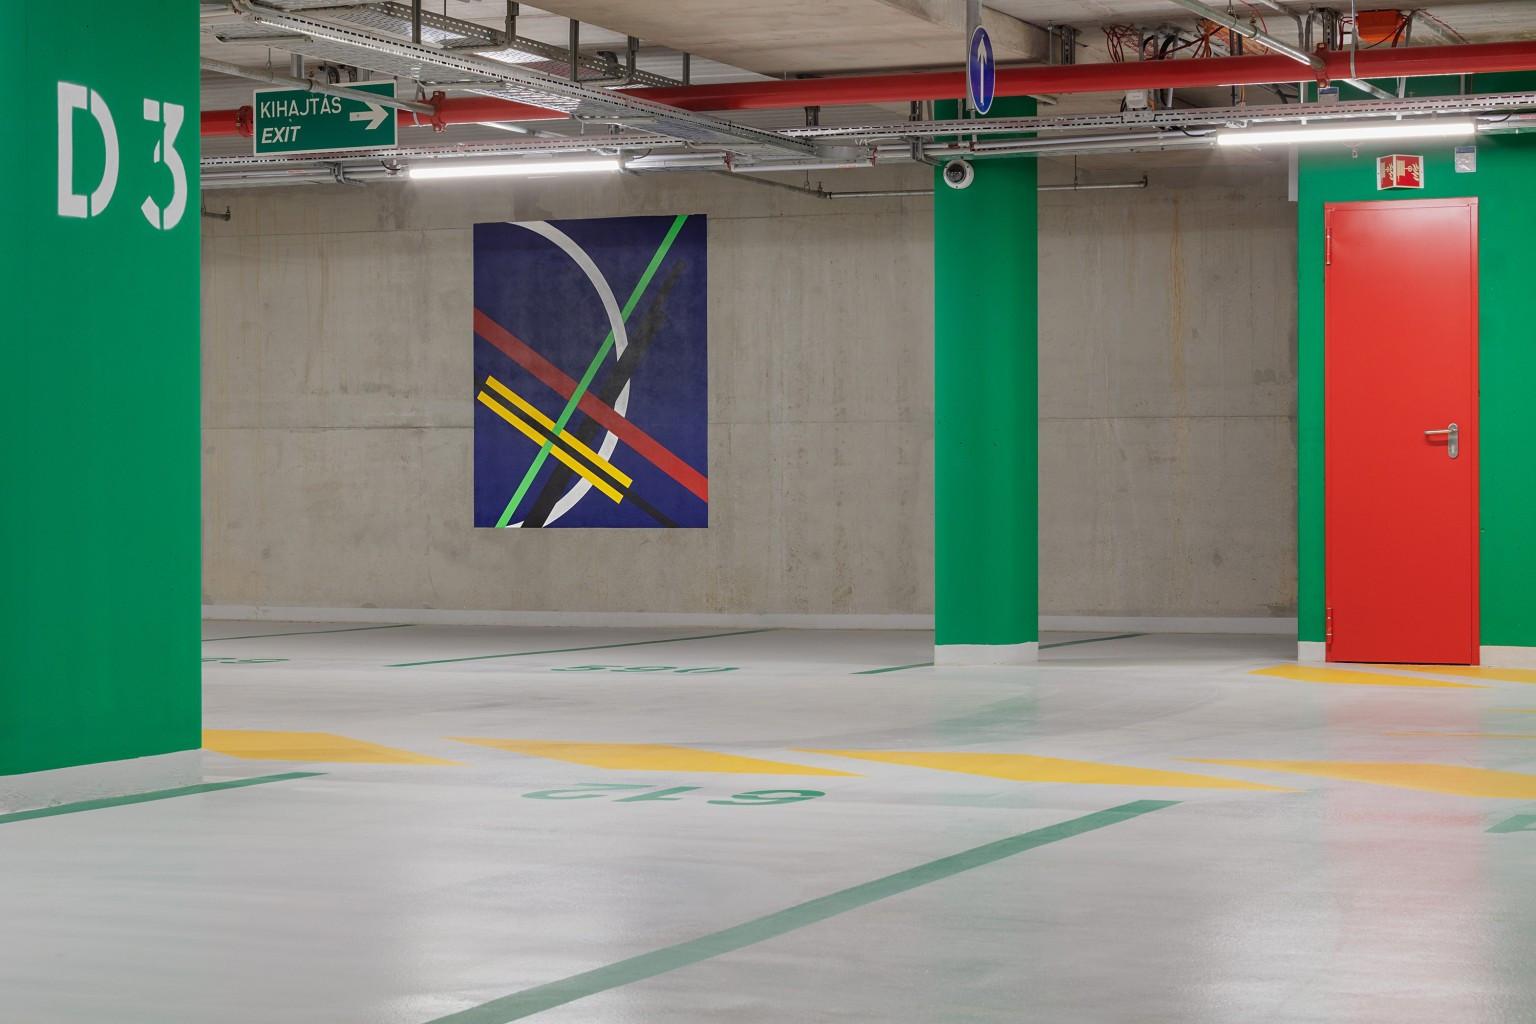 Museum Underground Parking